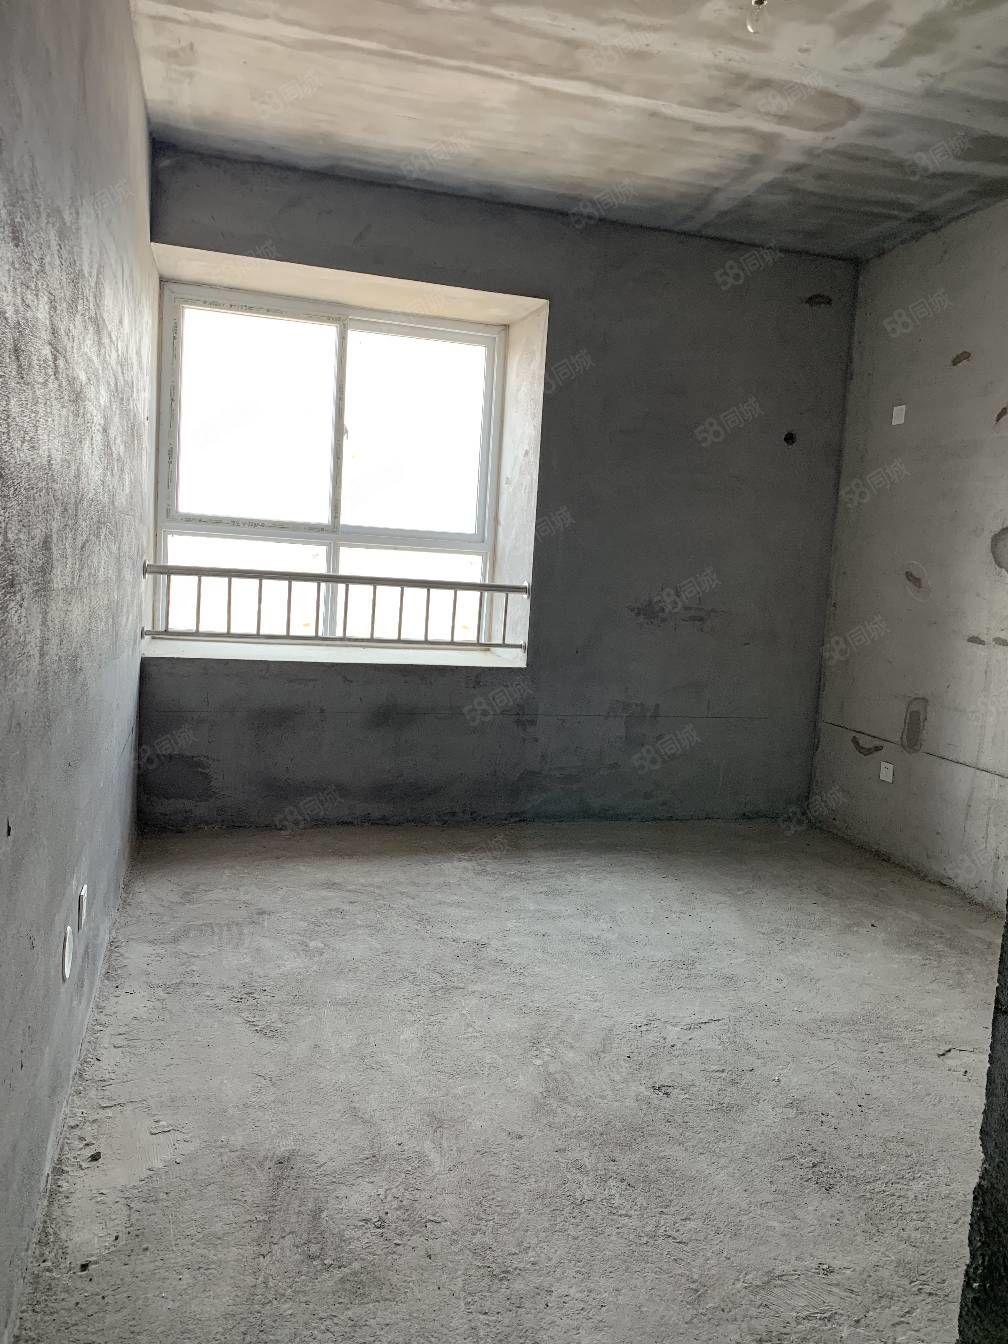 (可按揭)城南大产权水木清华电梯中层120平南北通透